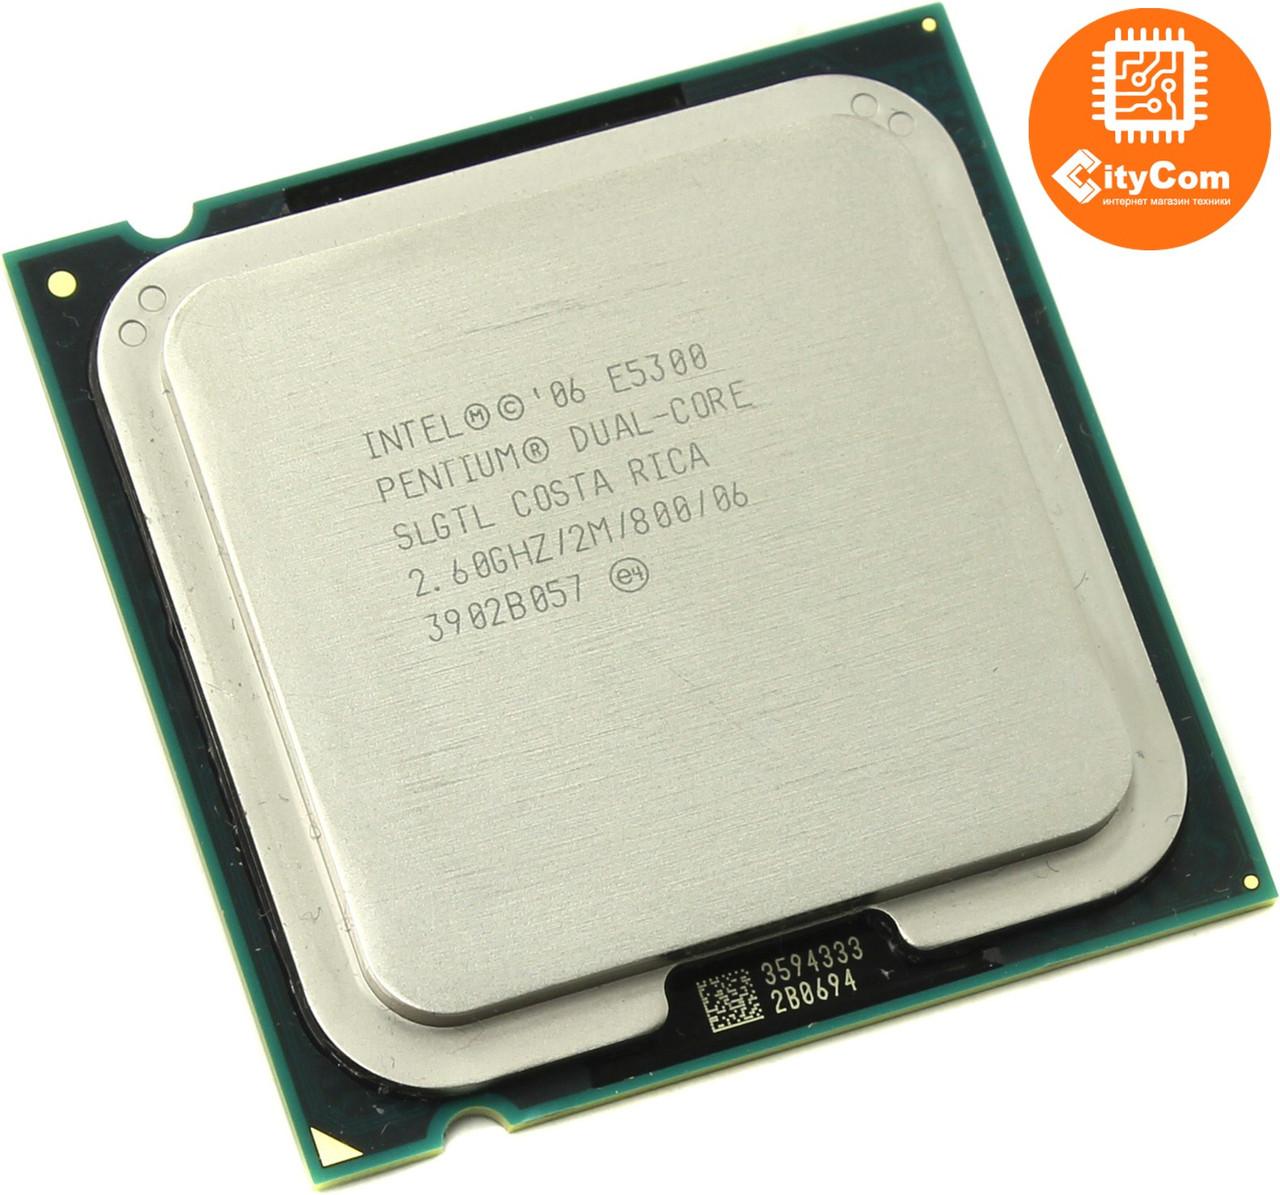 CPU S-775 Intel Pentium DualCore E2160 1.8 GHz (1MB, 800 MHz, LGA775) oem Арт.1374